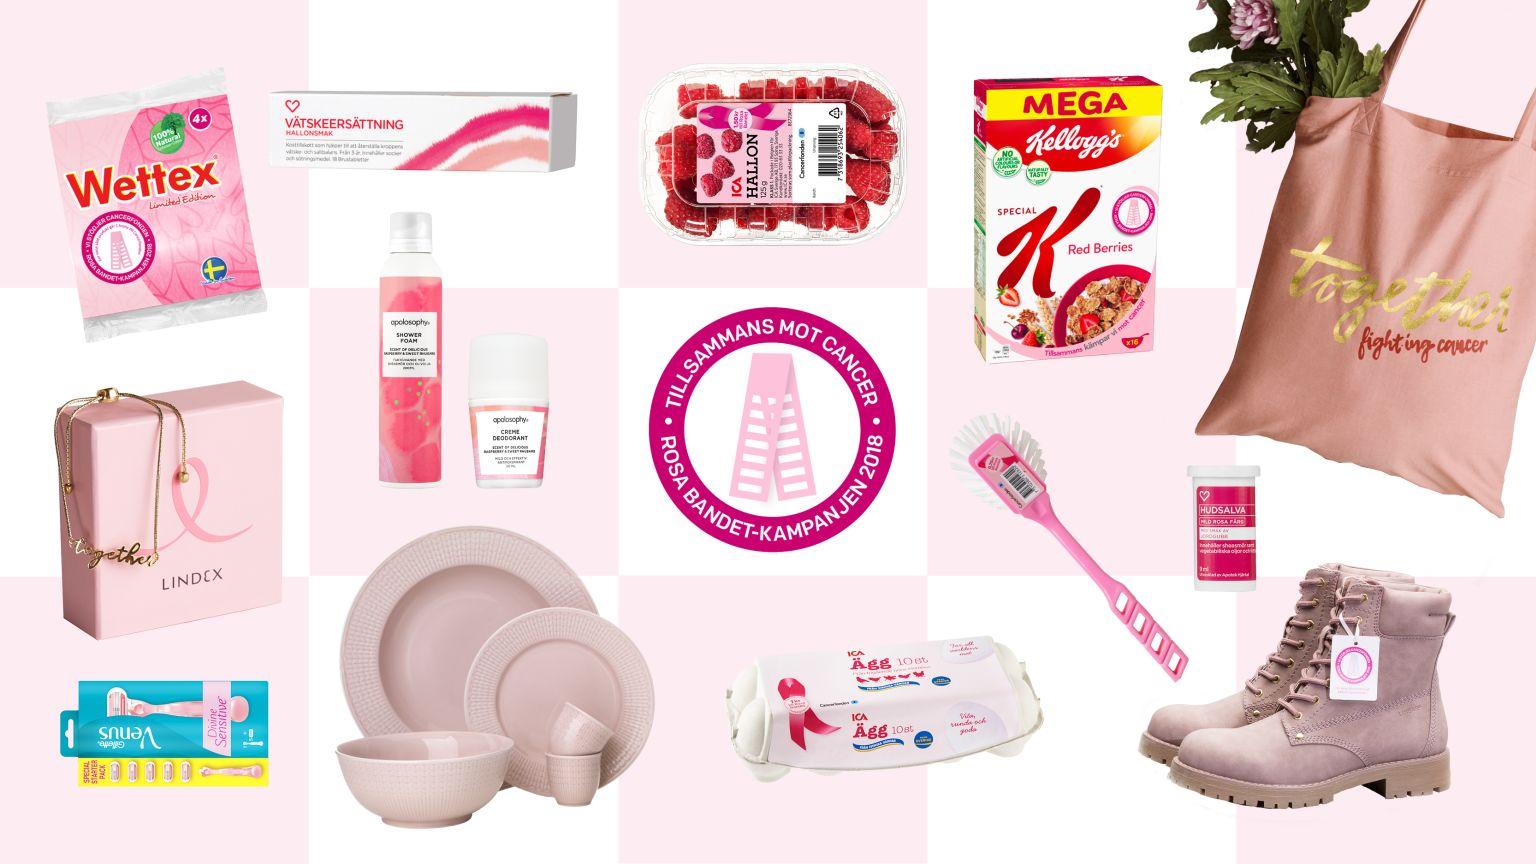 bröstcancer rosa bandet